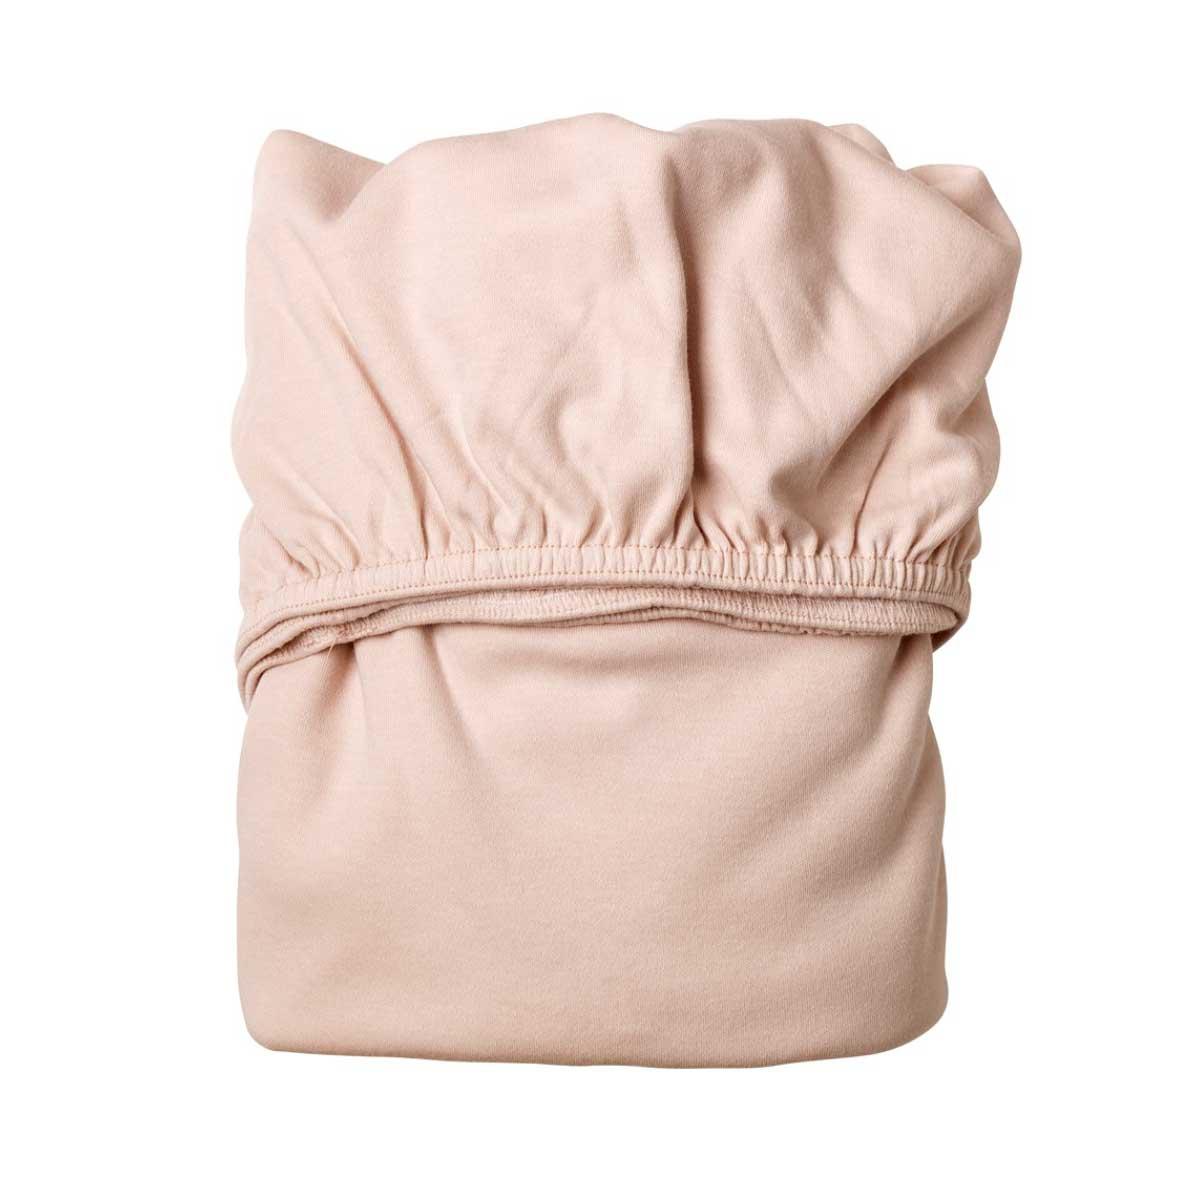 Leander lagen til babyseng 2pk - soft pink, 5 stk. på lager fra Leander fra pixizoo